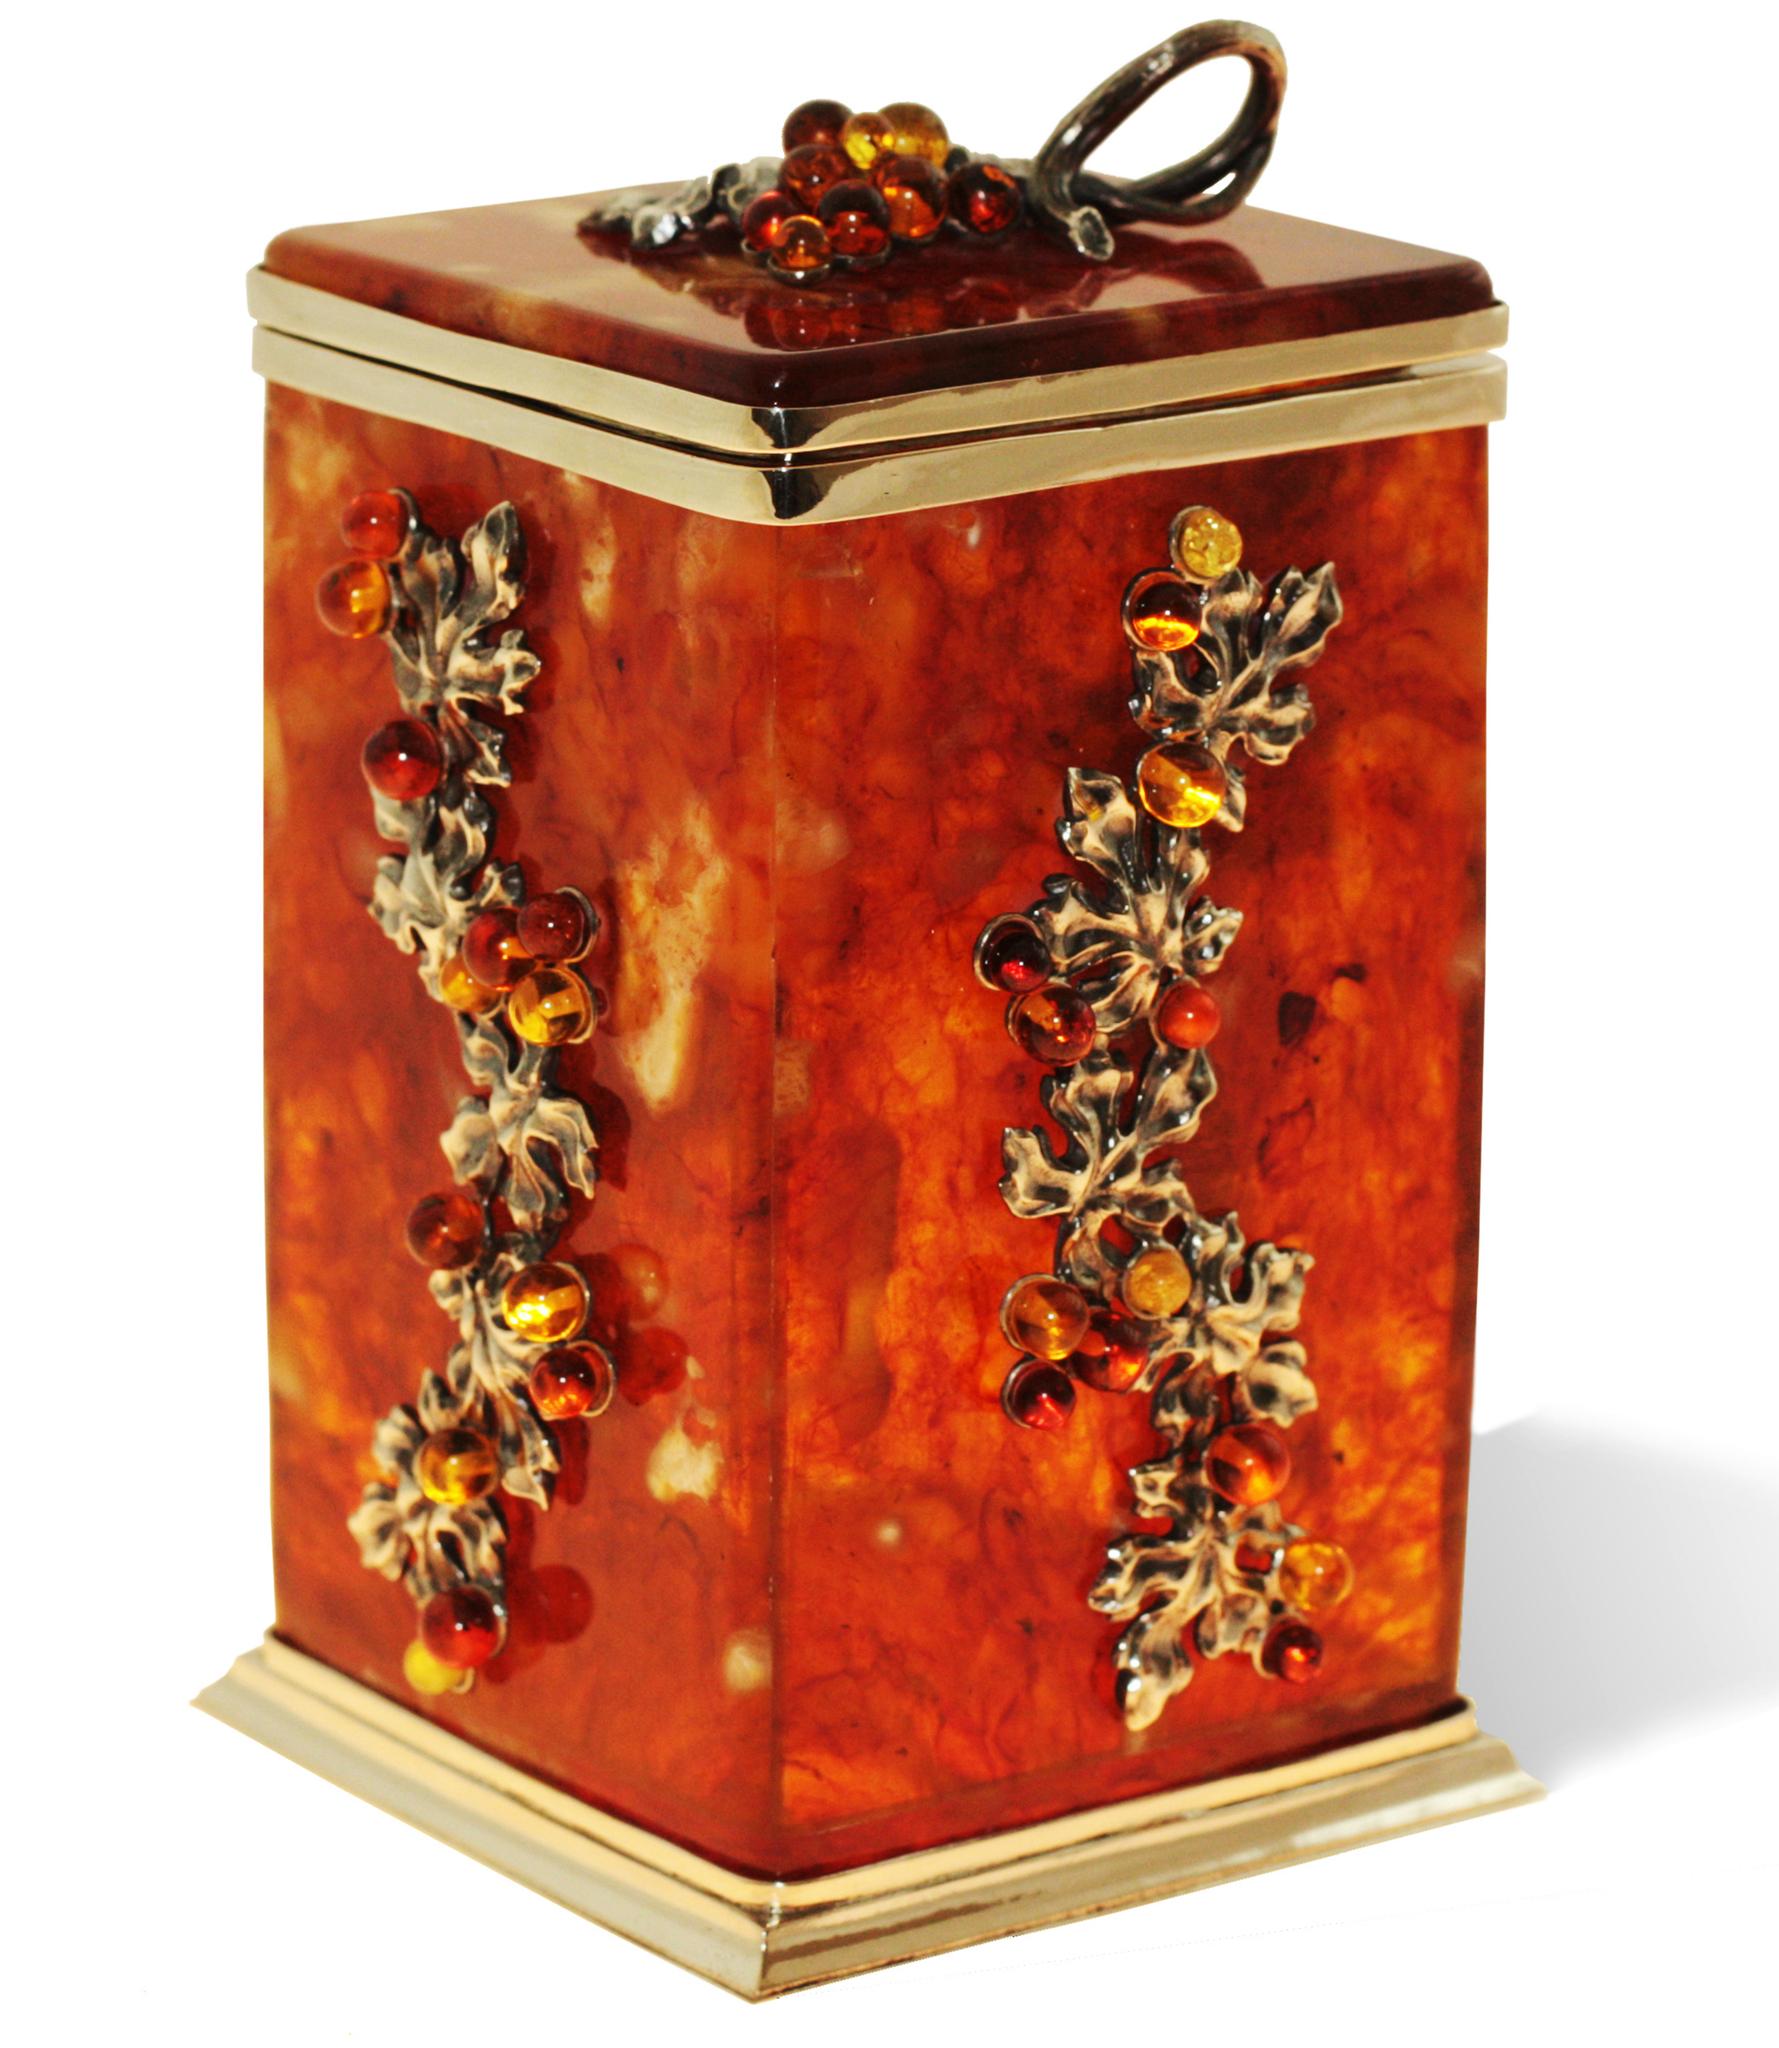 """Коробка для хранения чая в наборе с ложечкой, янтарь, серия """"Виноград"""" от 27 420 руб"""